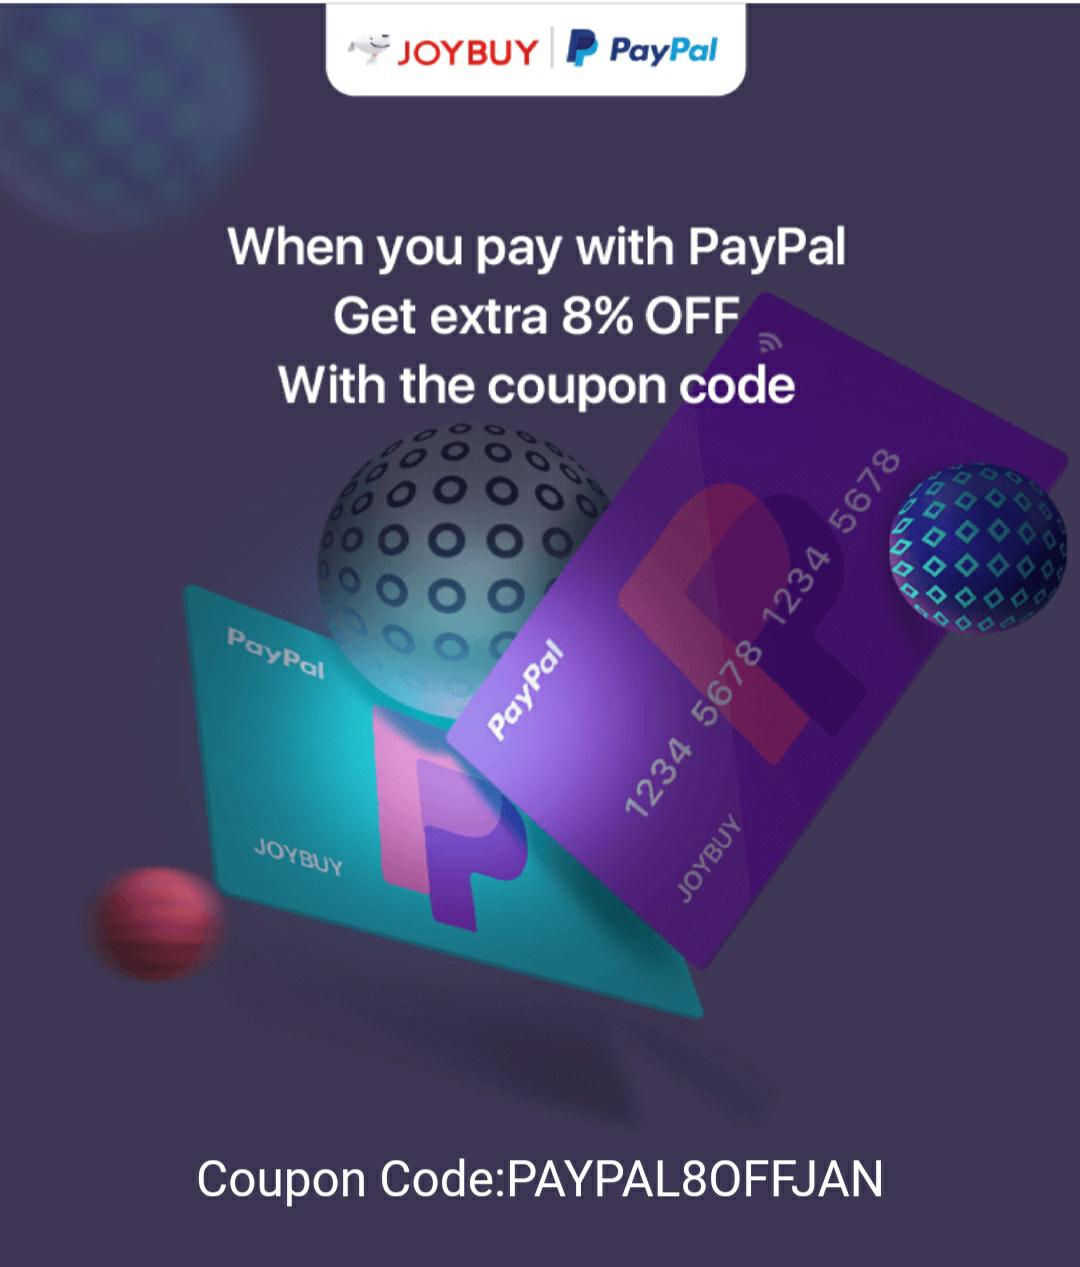 8% de réduction en payant via Paypal sur sélection (dès 1$ d'achat et jusqu'à 35$ de réduction)